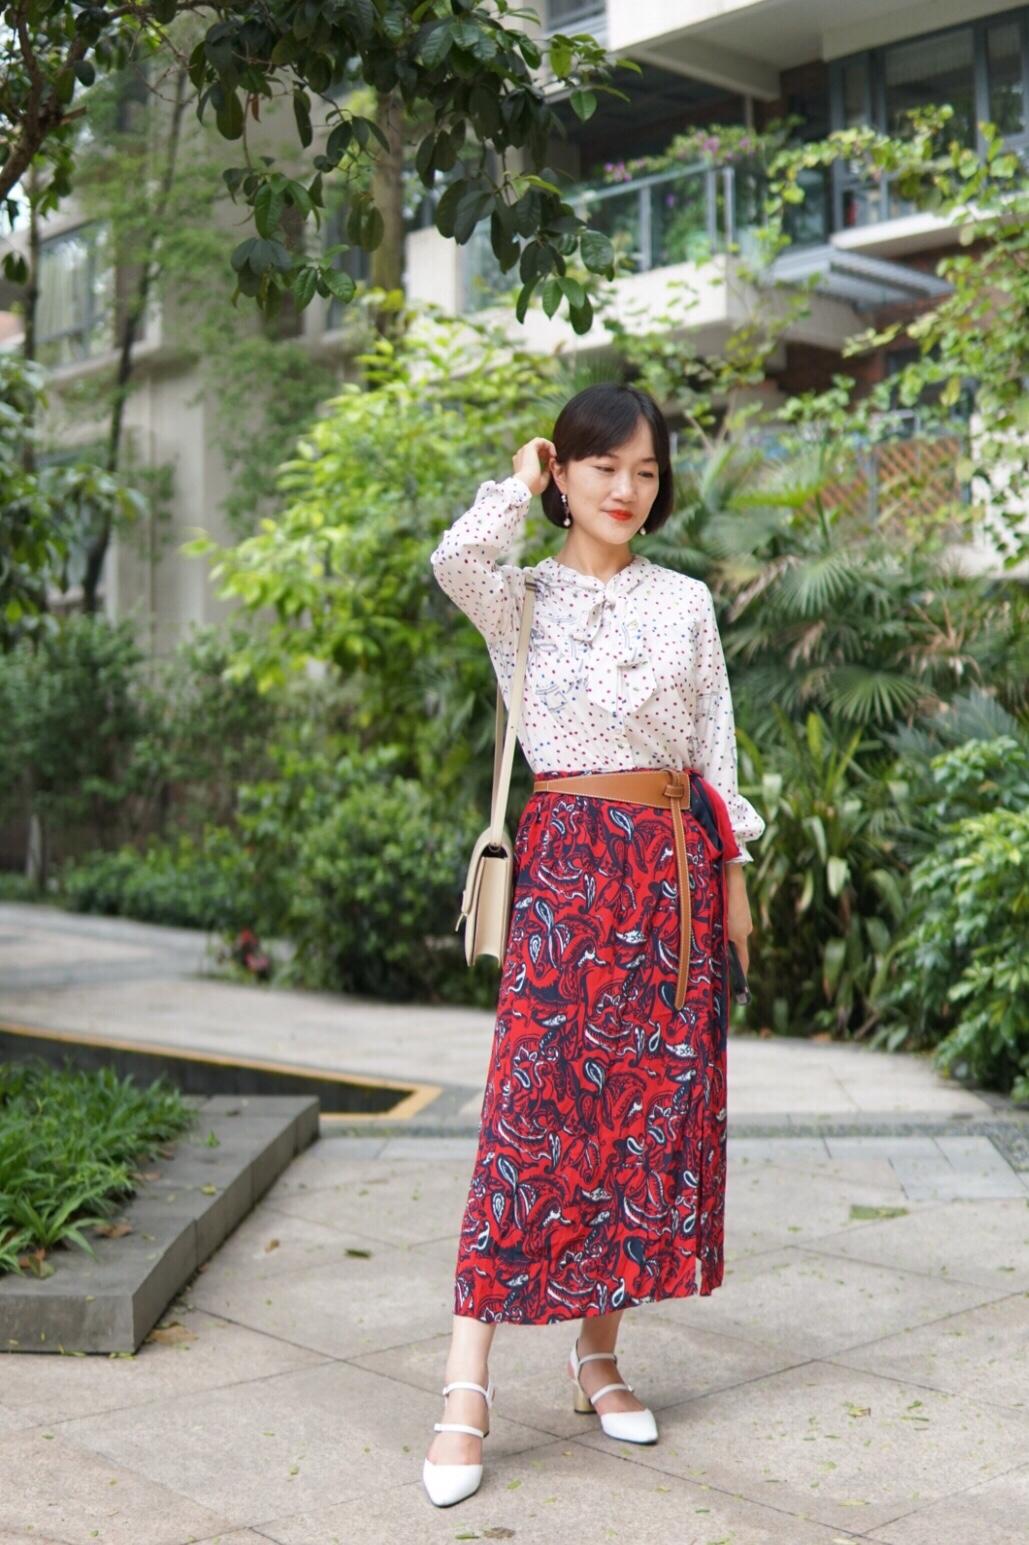 #夏日万能友好裙:迷笛裙# 这套是超级甜美的韩系女孩,花色裙特别漂亮,用腰带突出一下腰线,使得这个搭配变得特别。